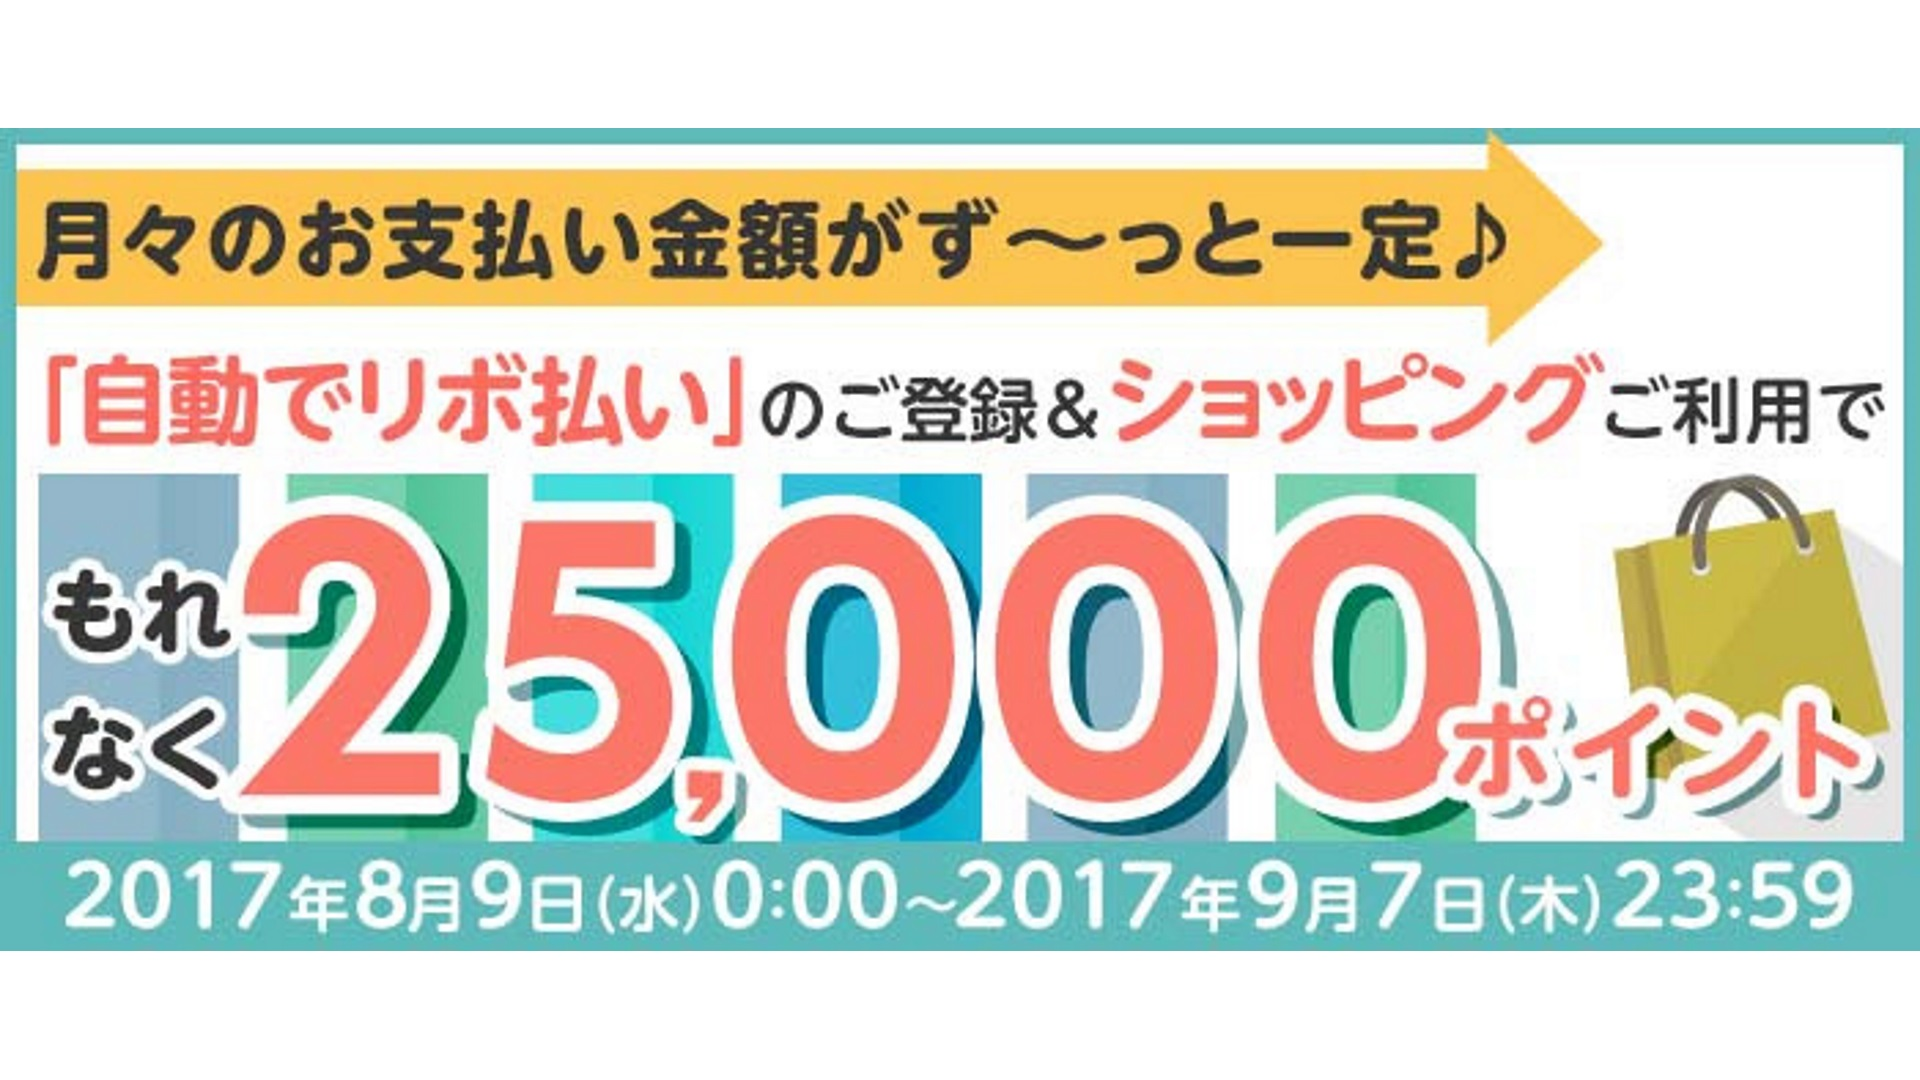 楽天カード、自動リボ払い登録+期間中カード払いで25,000ポイントプレゼントキャンペーン